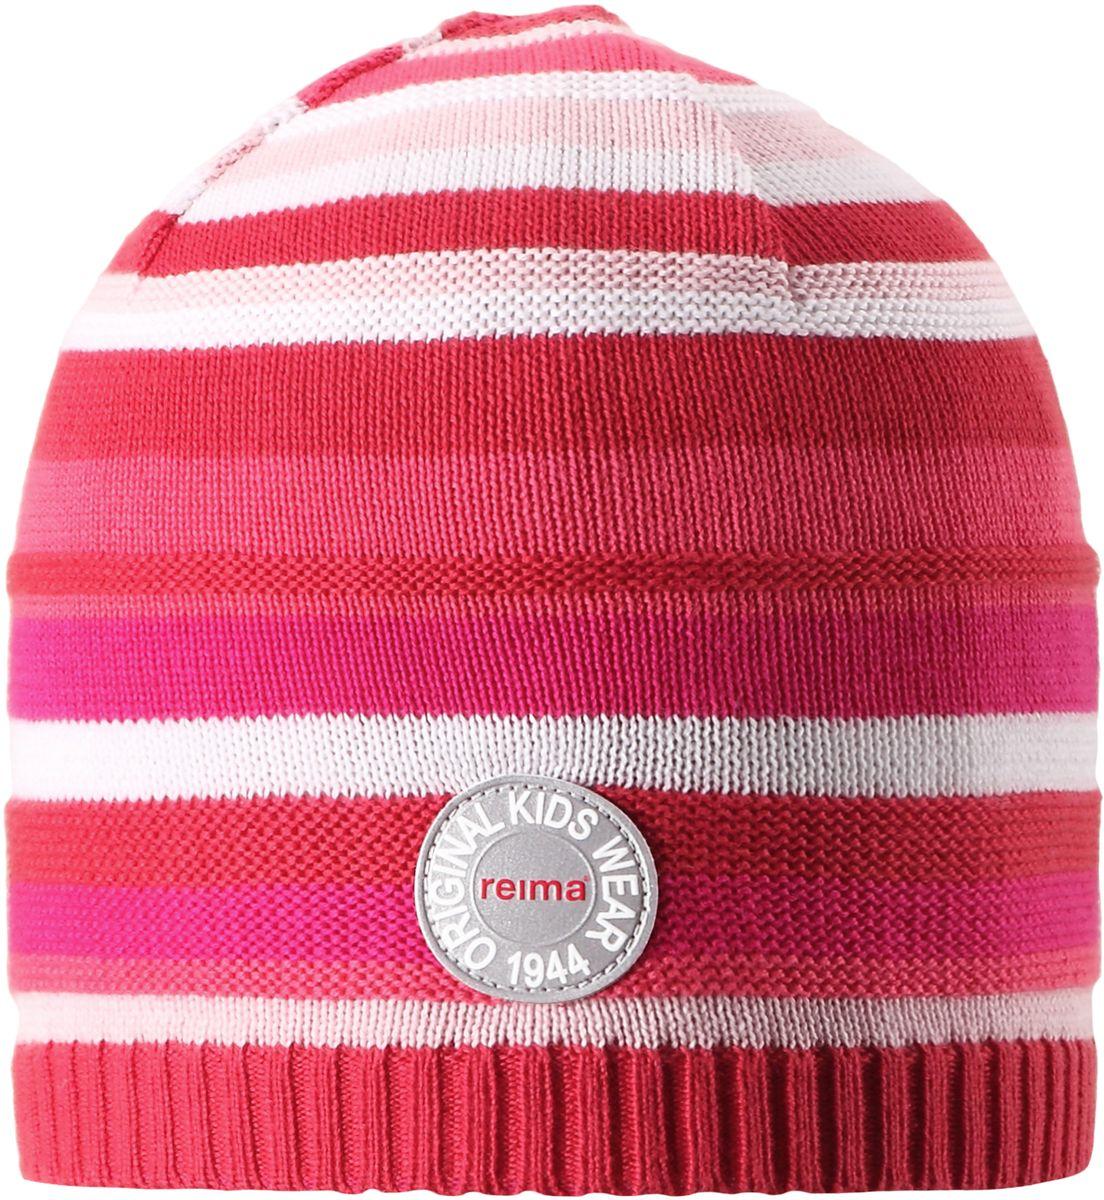 Шапка детская5285250100Яркая шапочка для малышей отлично подойдет для первых теплых весенних дней. Она изготовлена из эластичного и легкого вязаного хлопка, мягкого и приятного на ощупь. Ее можно надеть и в детский сад, и на прогулку в парк в солнечный день. Имеется светоотражающая эмблема спереди.